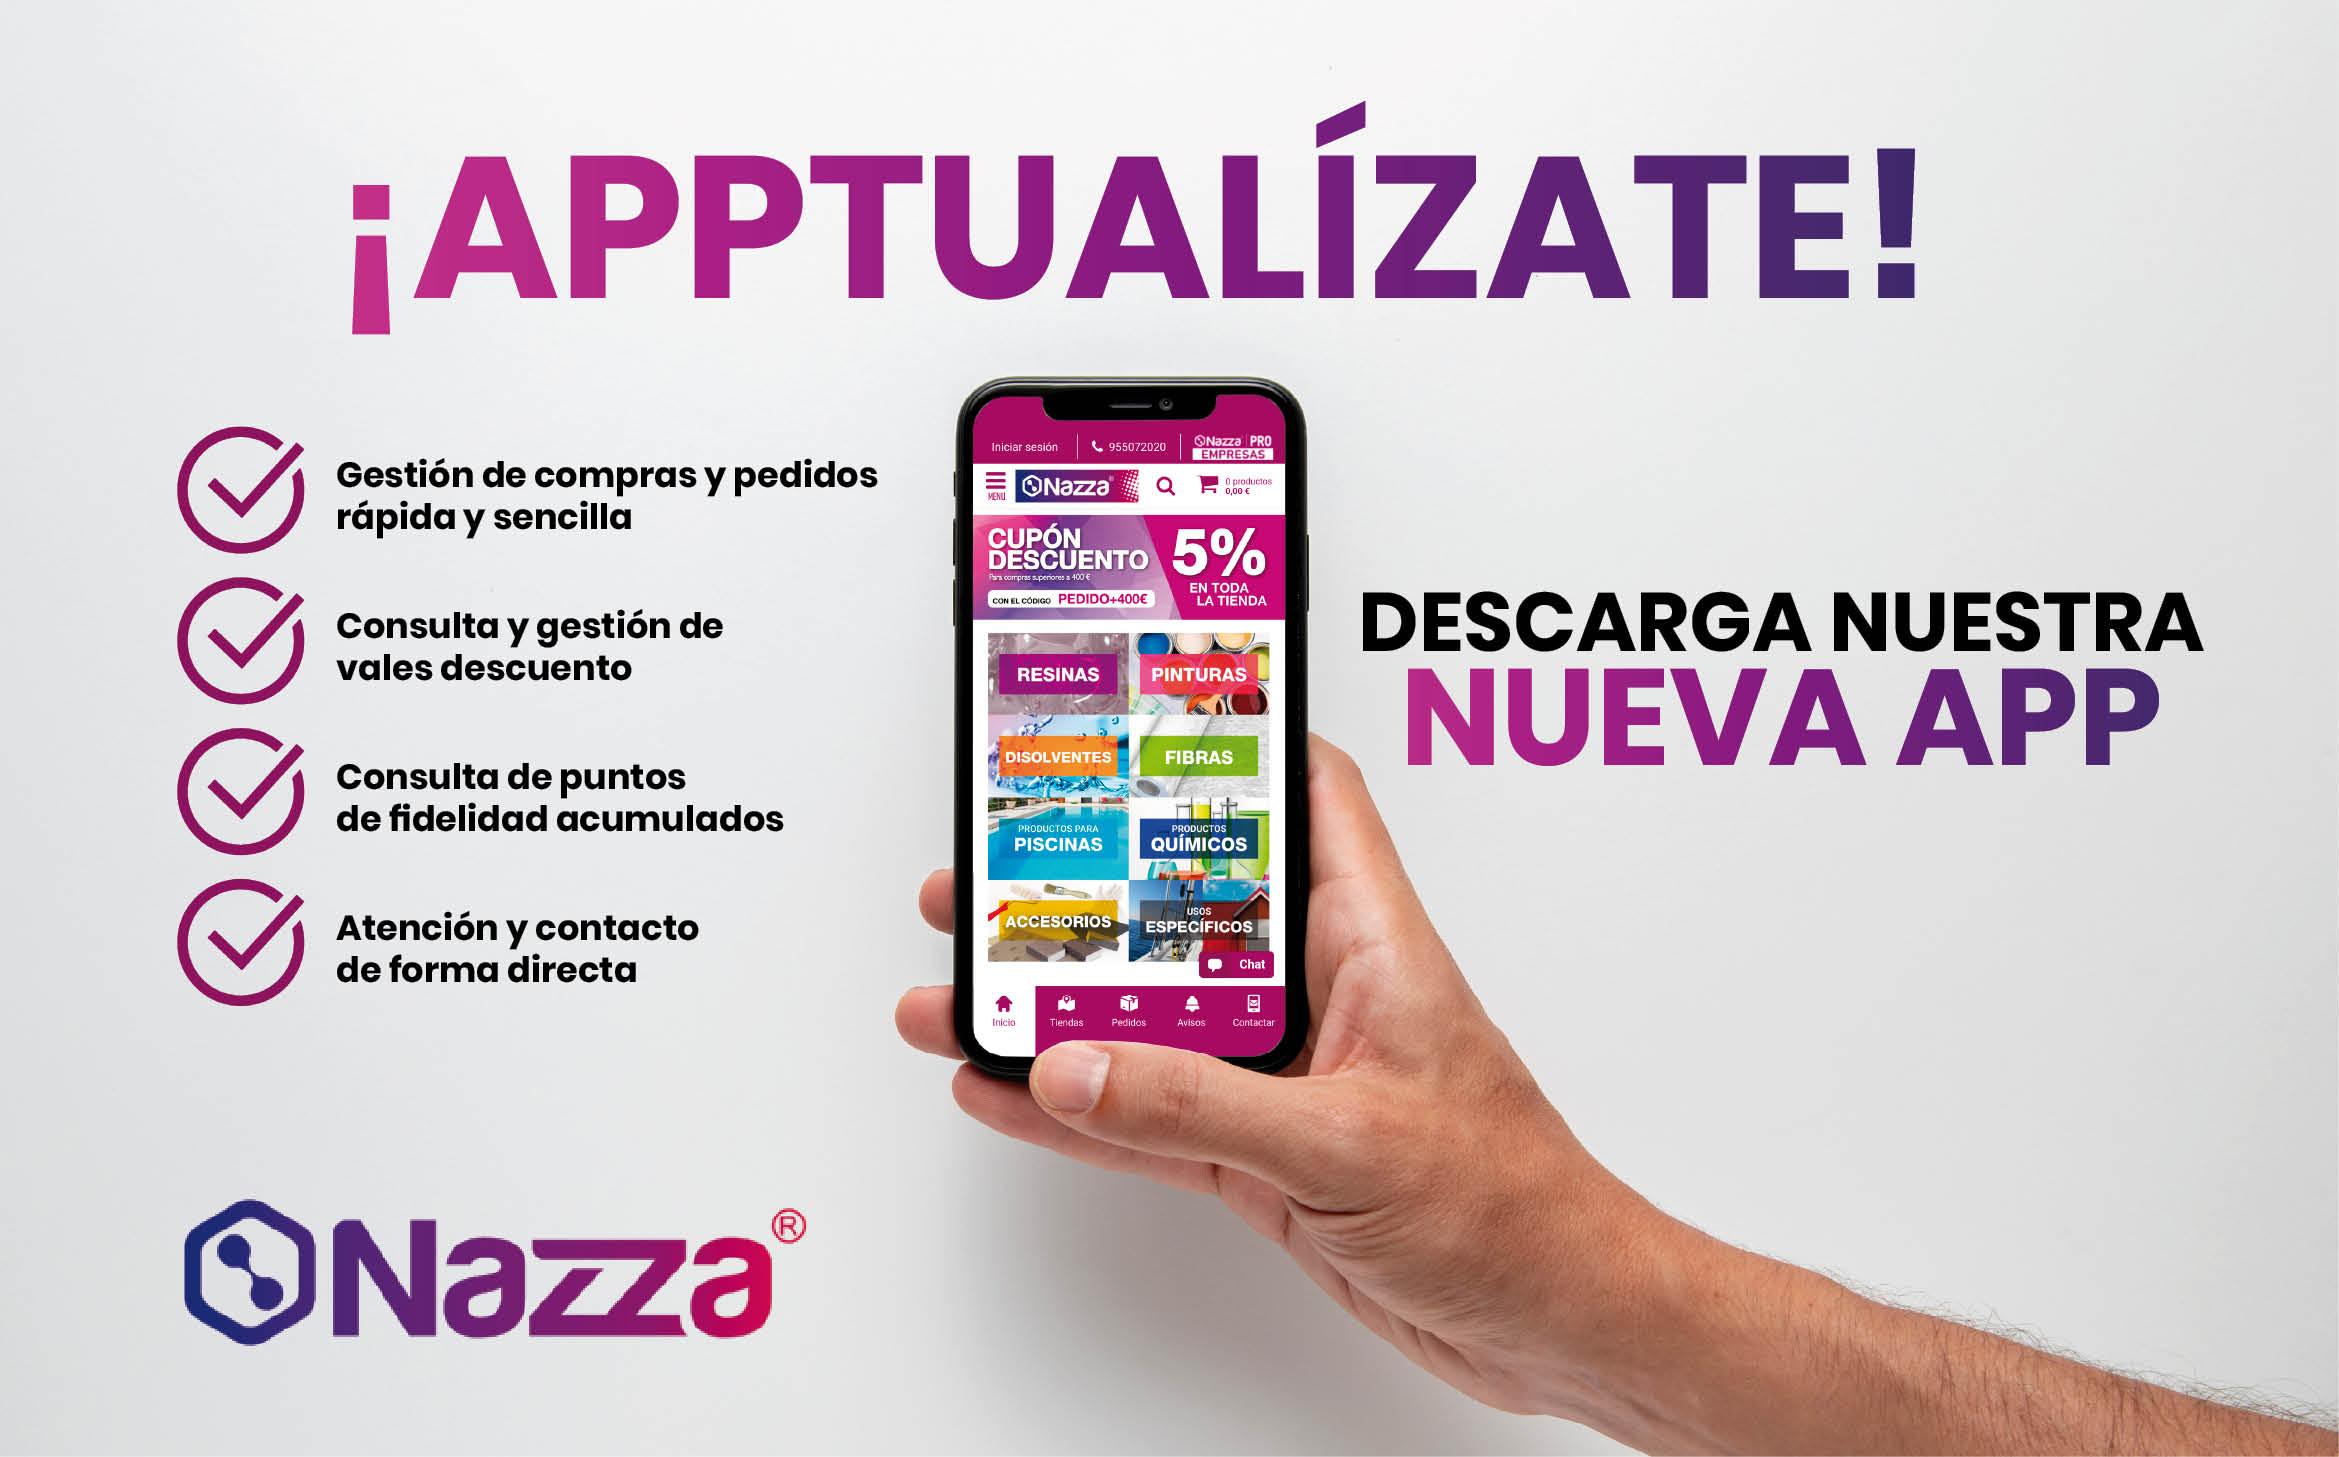 App Nazza